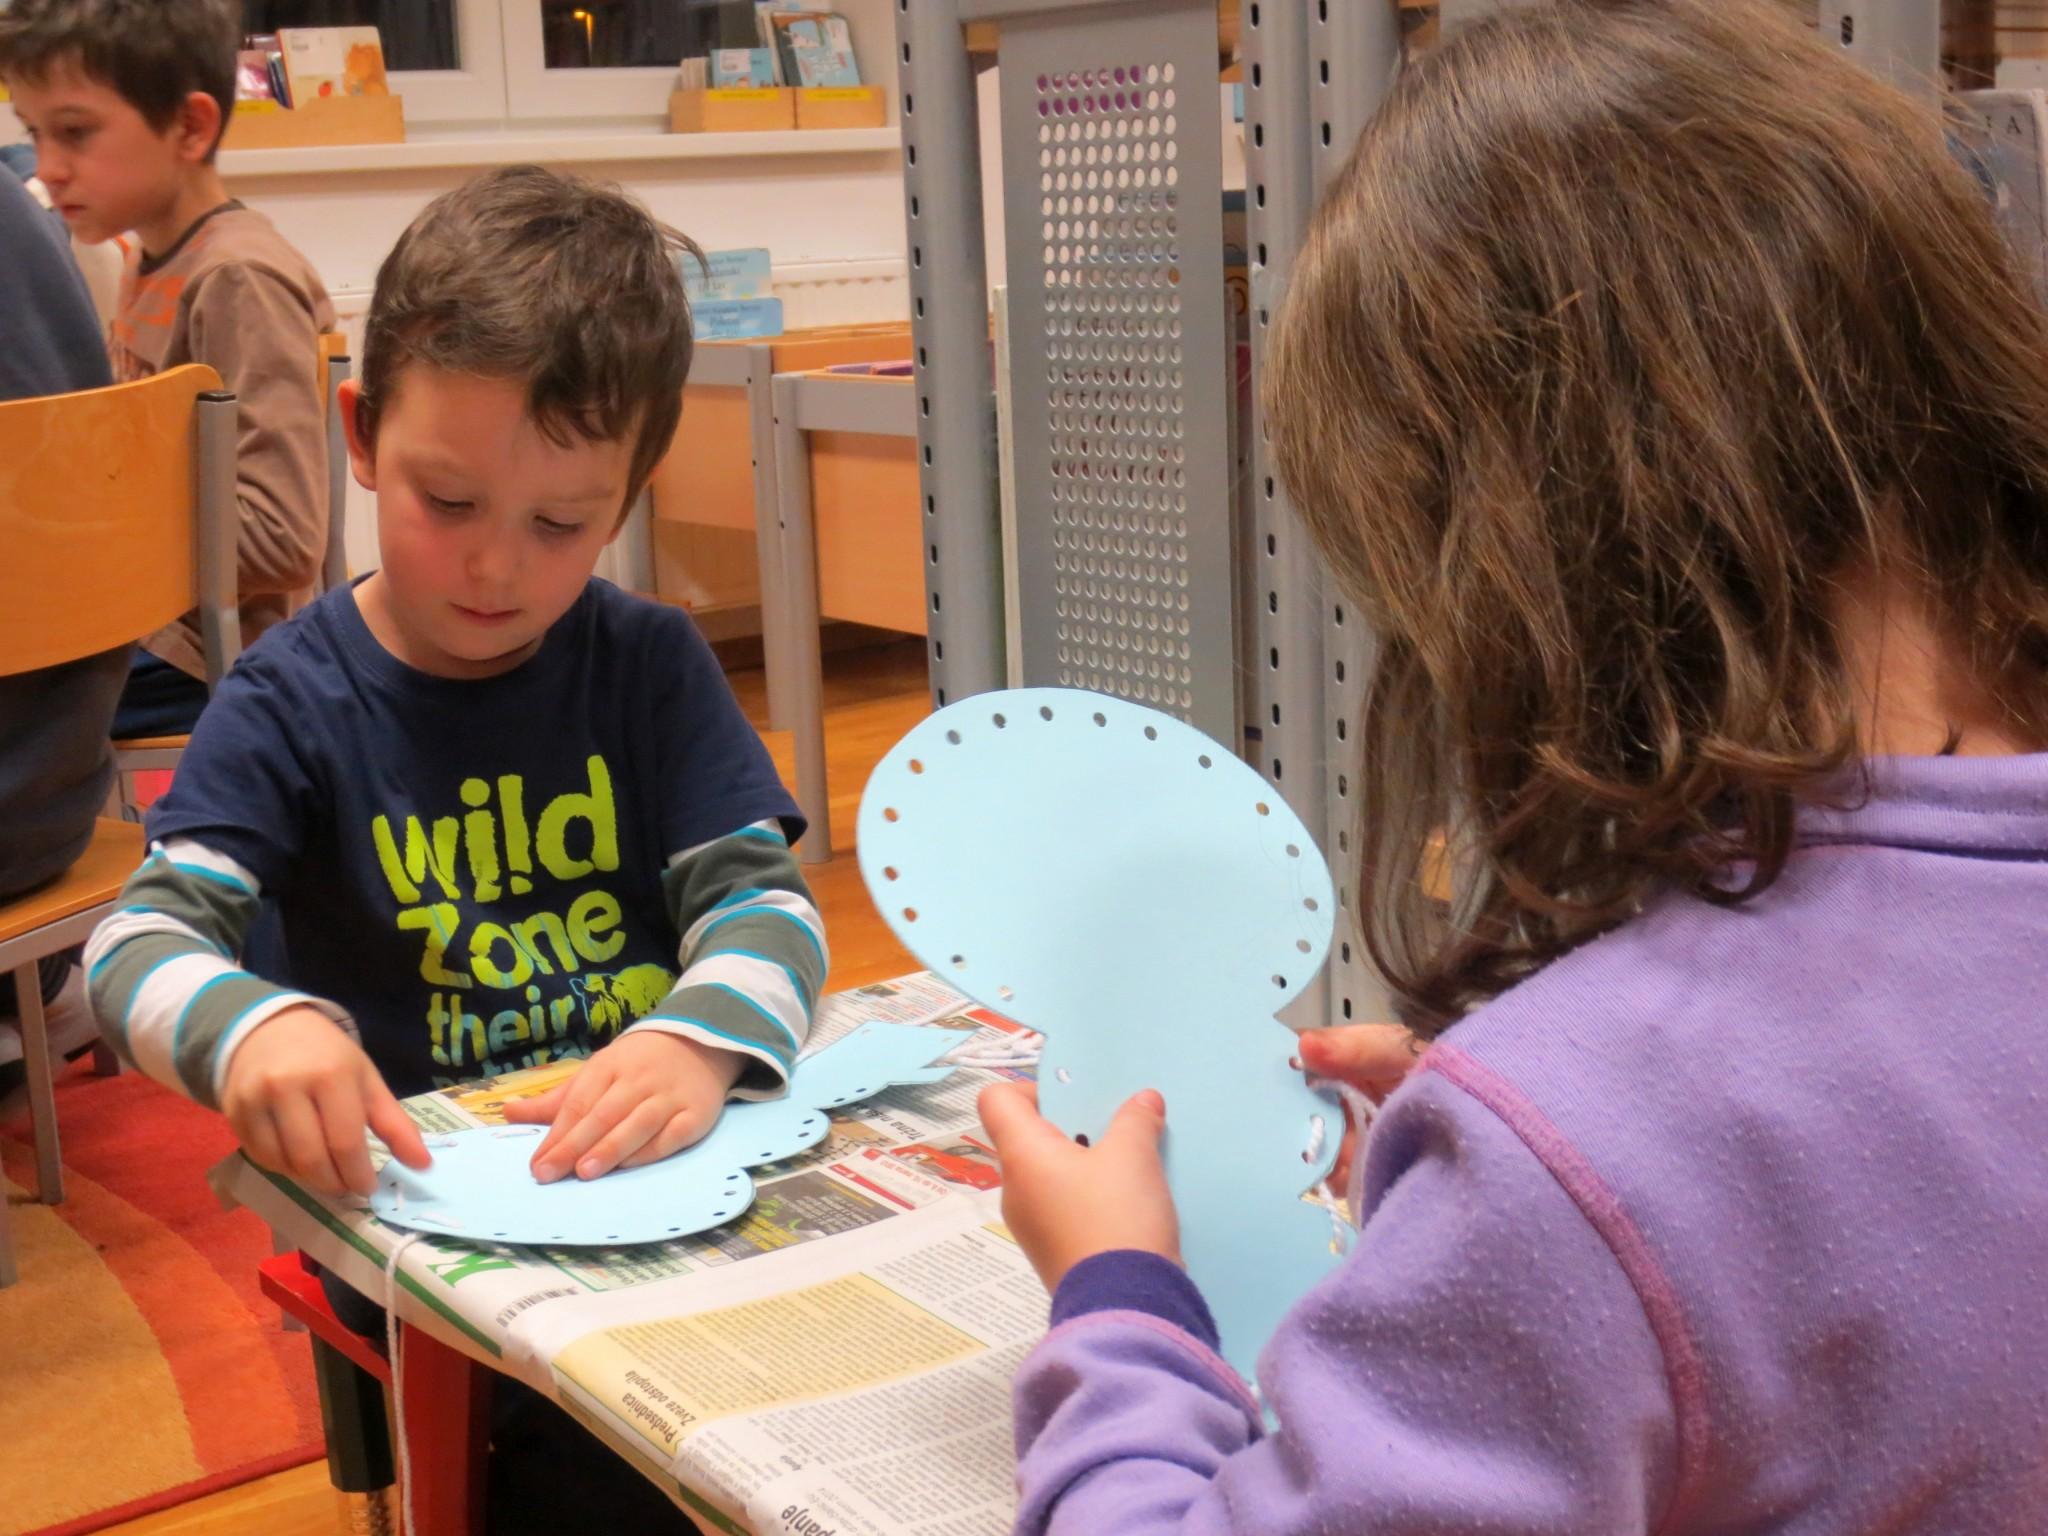 IMG 3386 - Pravljična ura in ustvarjalna delavnica za otroke od 4. leta dalje